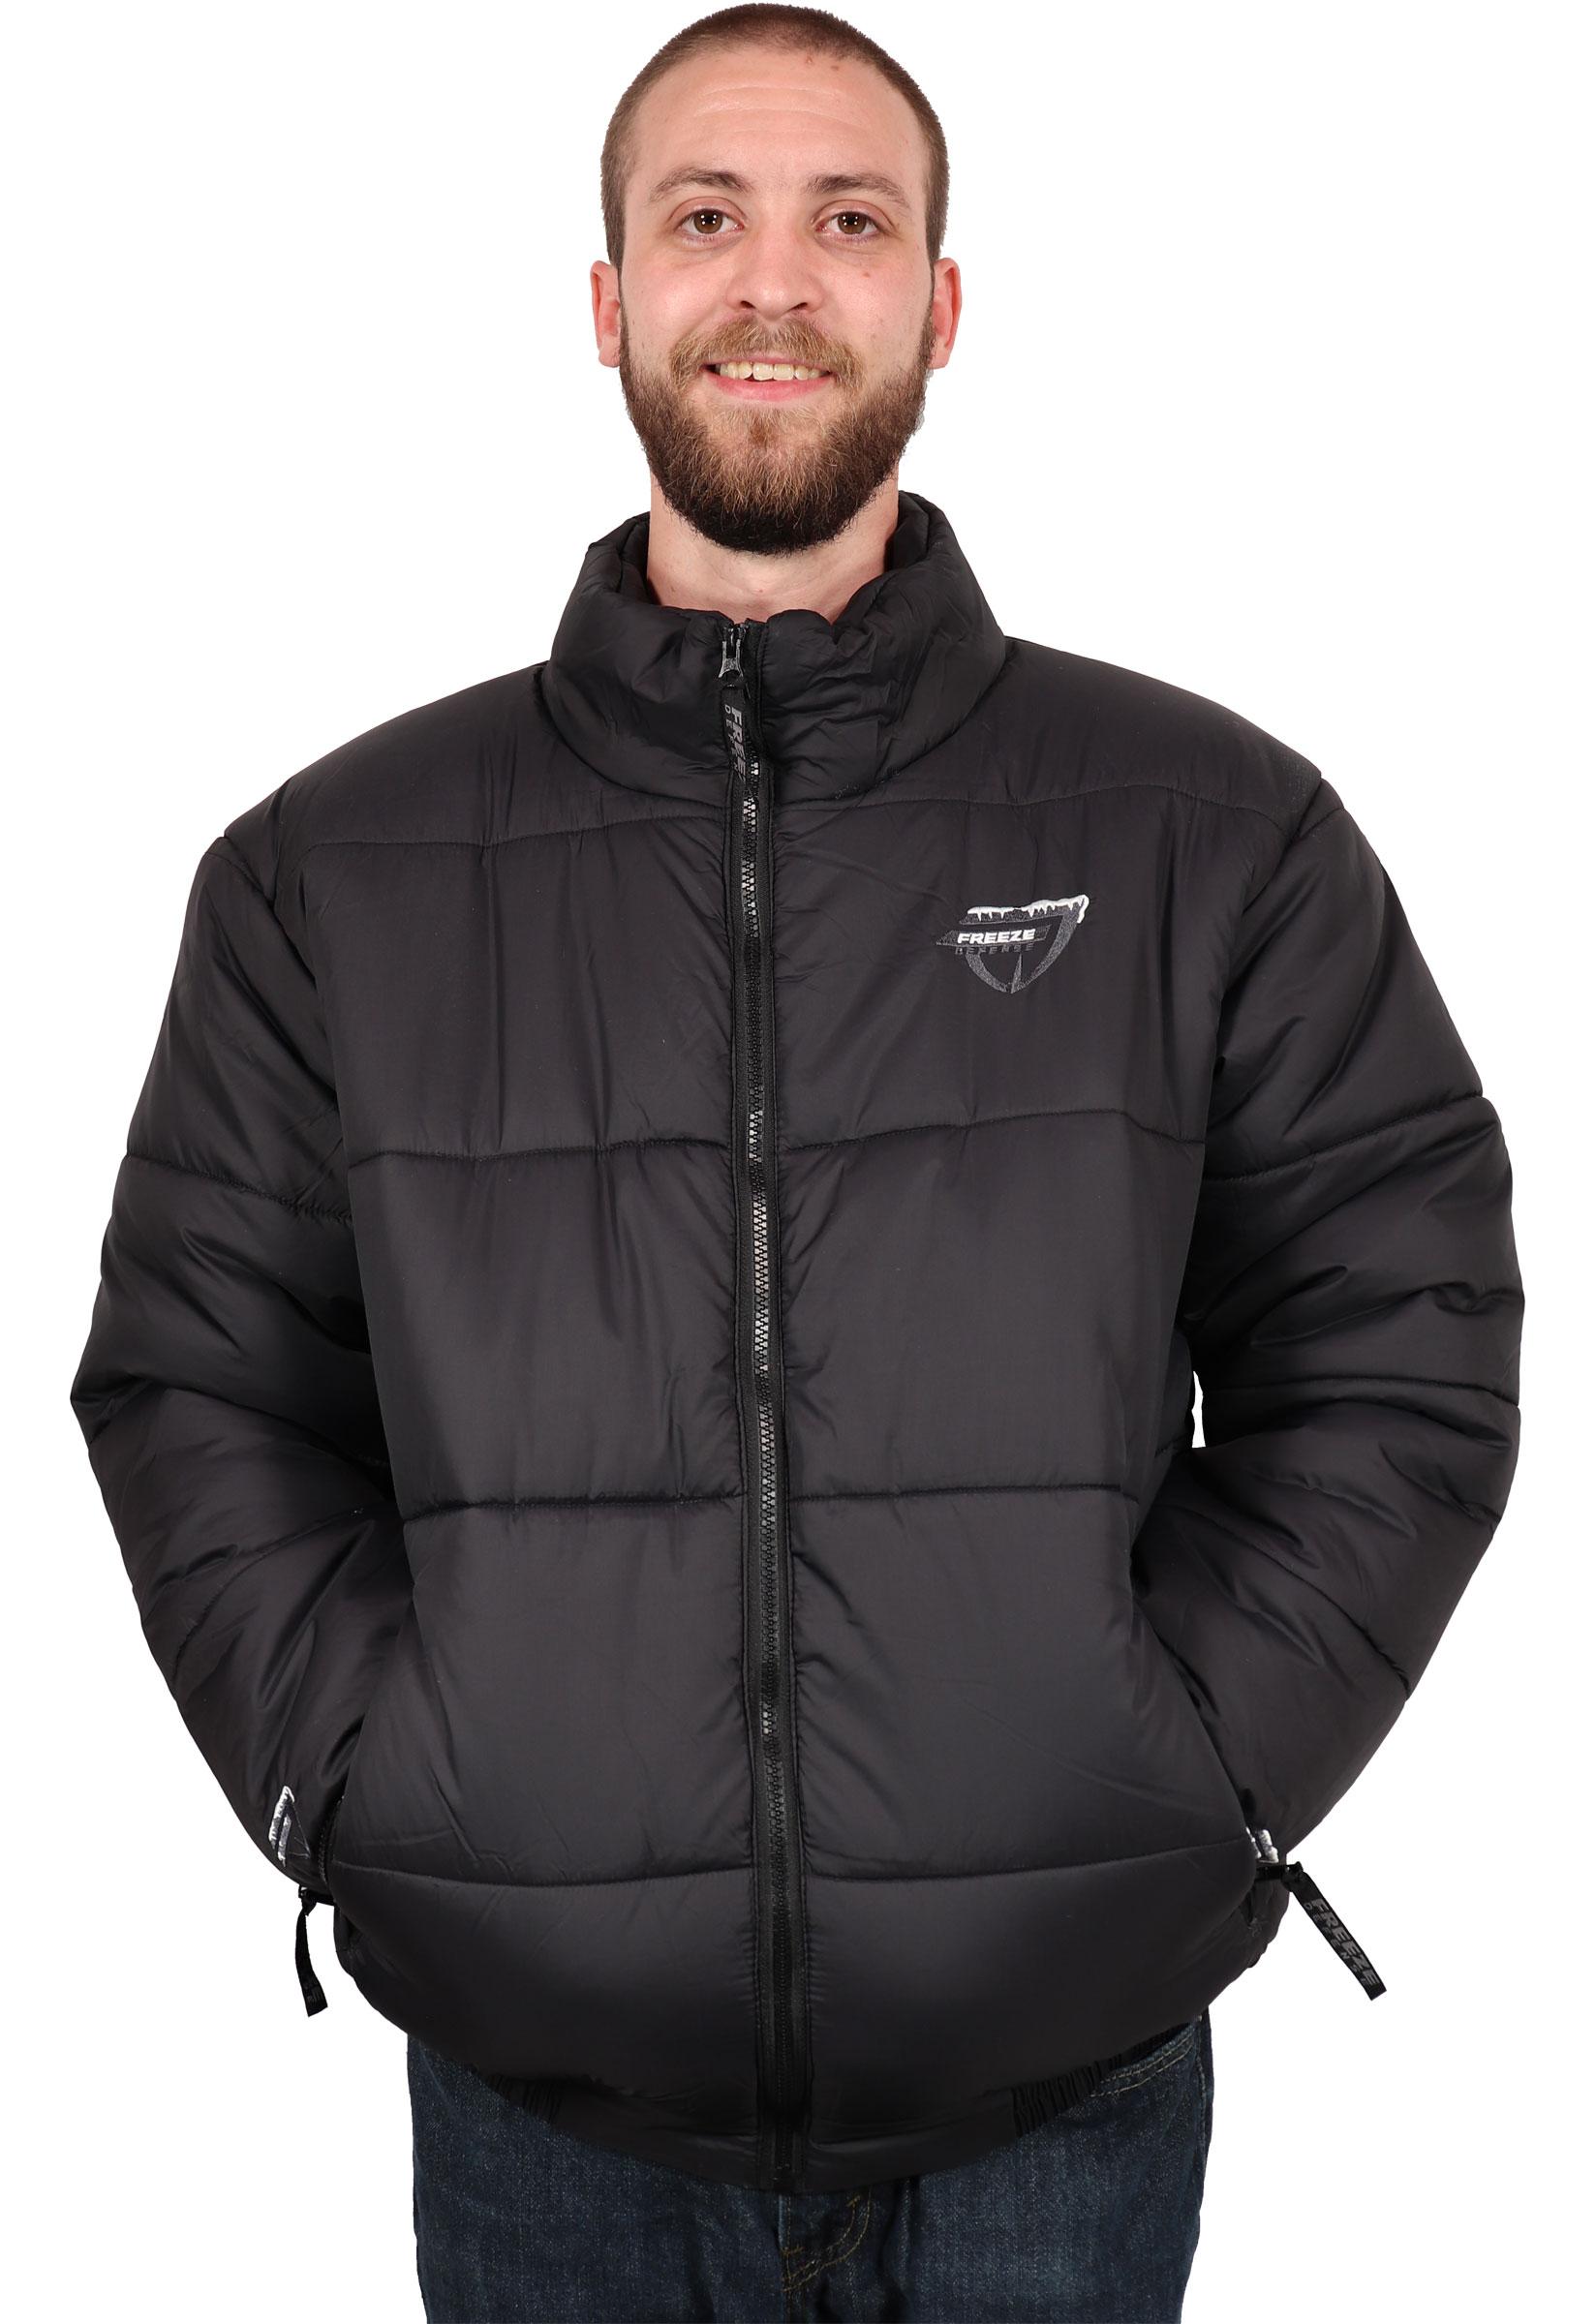 de1b74ce8 Buy Your Warm Freeze Defense Men's Down Alternative Winter Jacket Coat